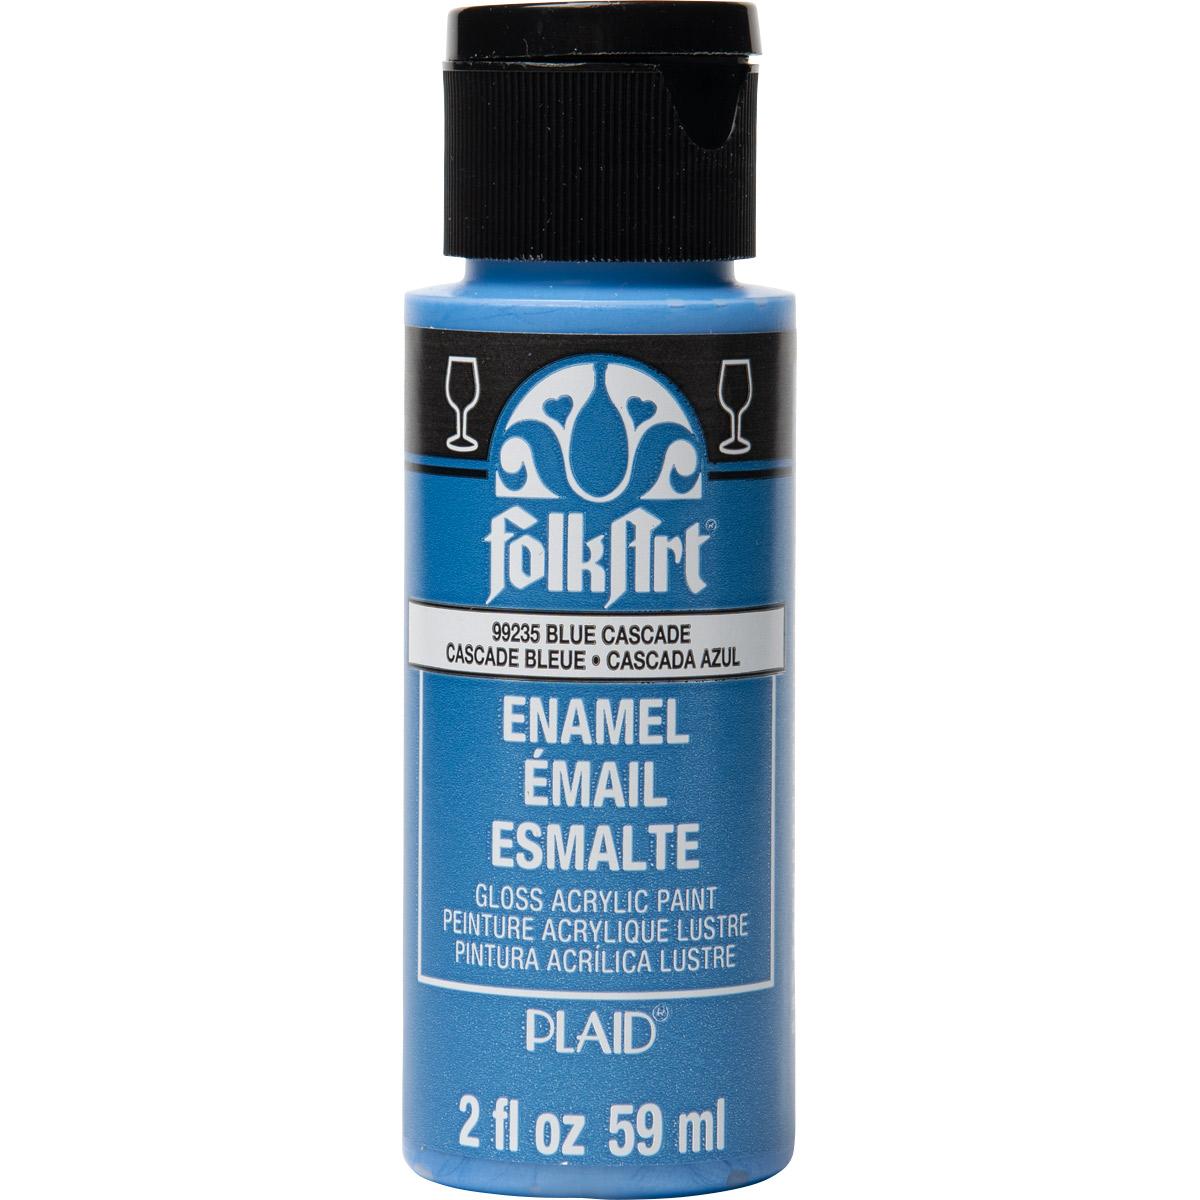 FolkArt ® Enamels™ - Metallic Blue Cascade, 2 oz.